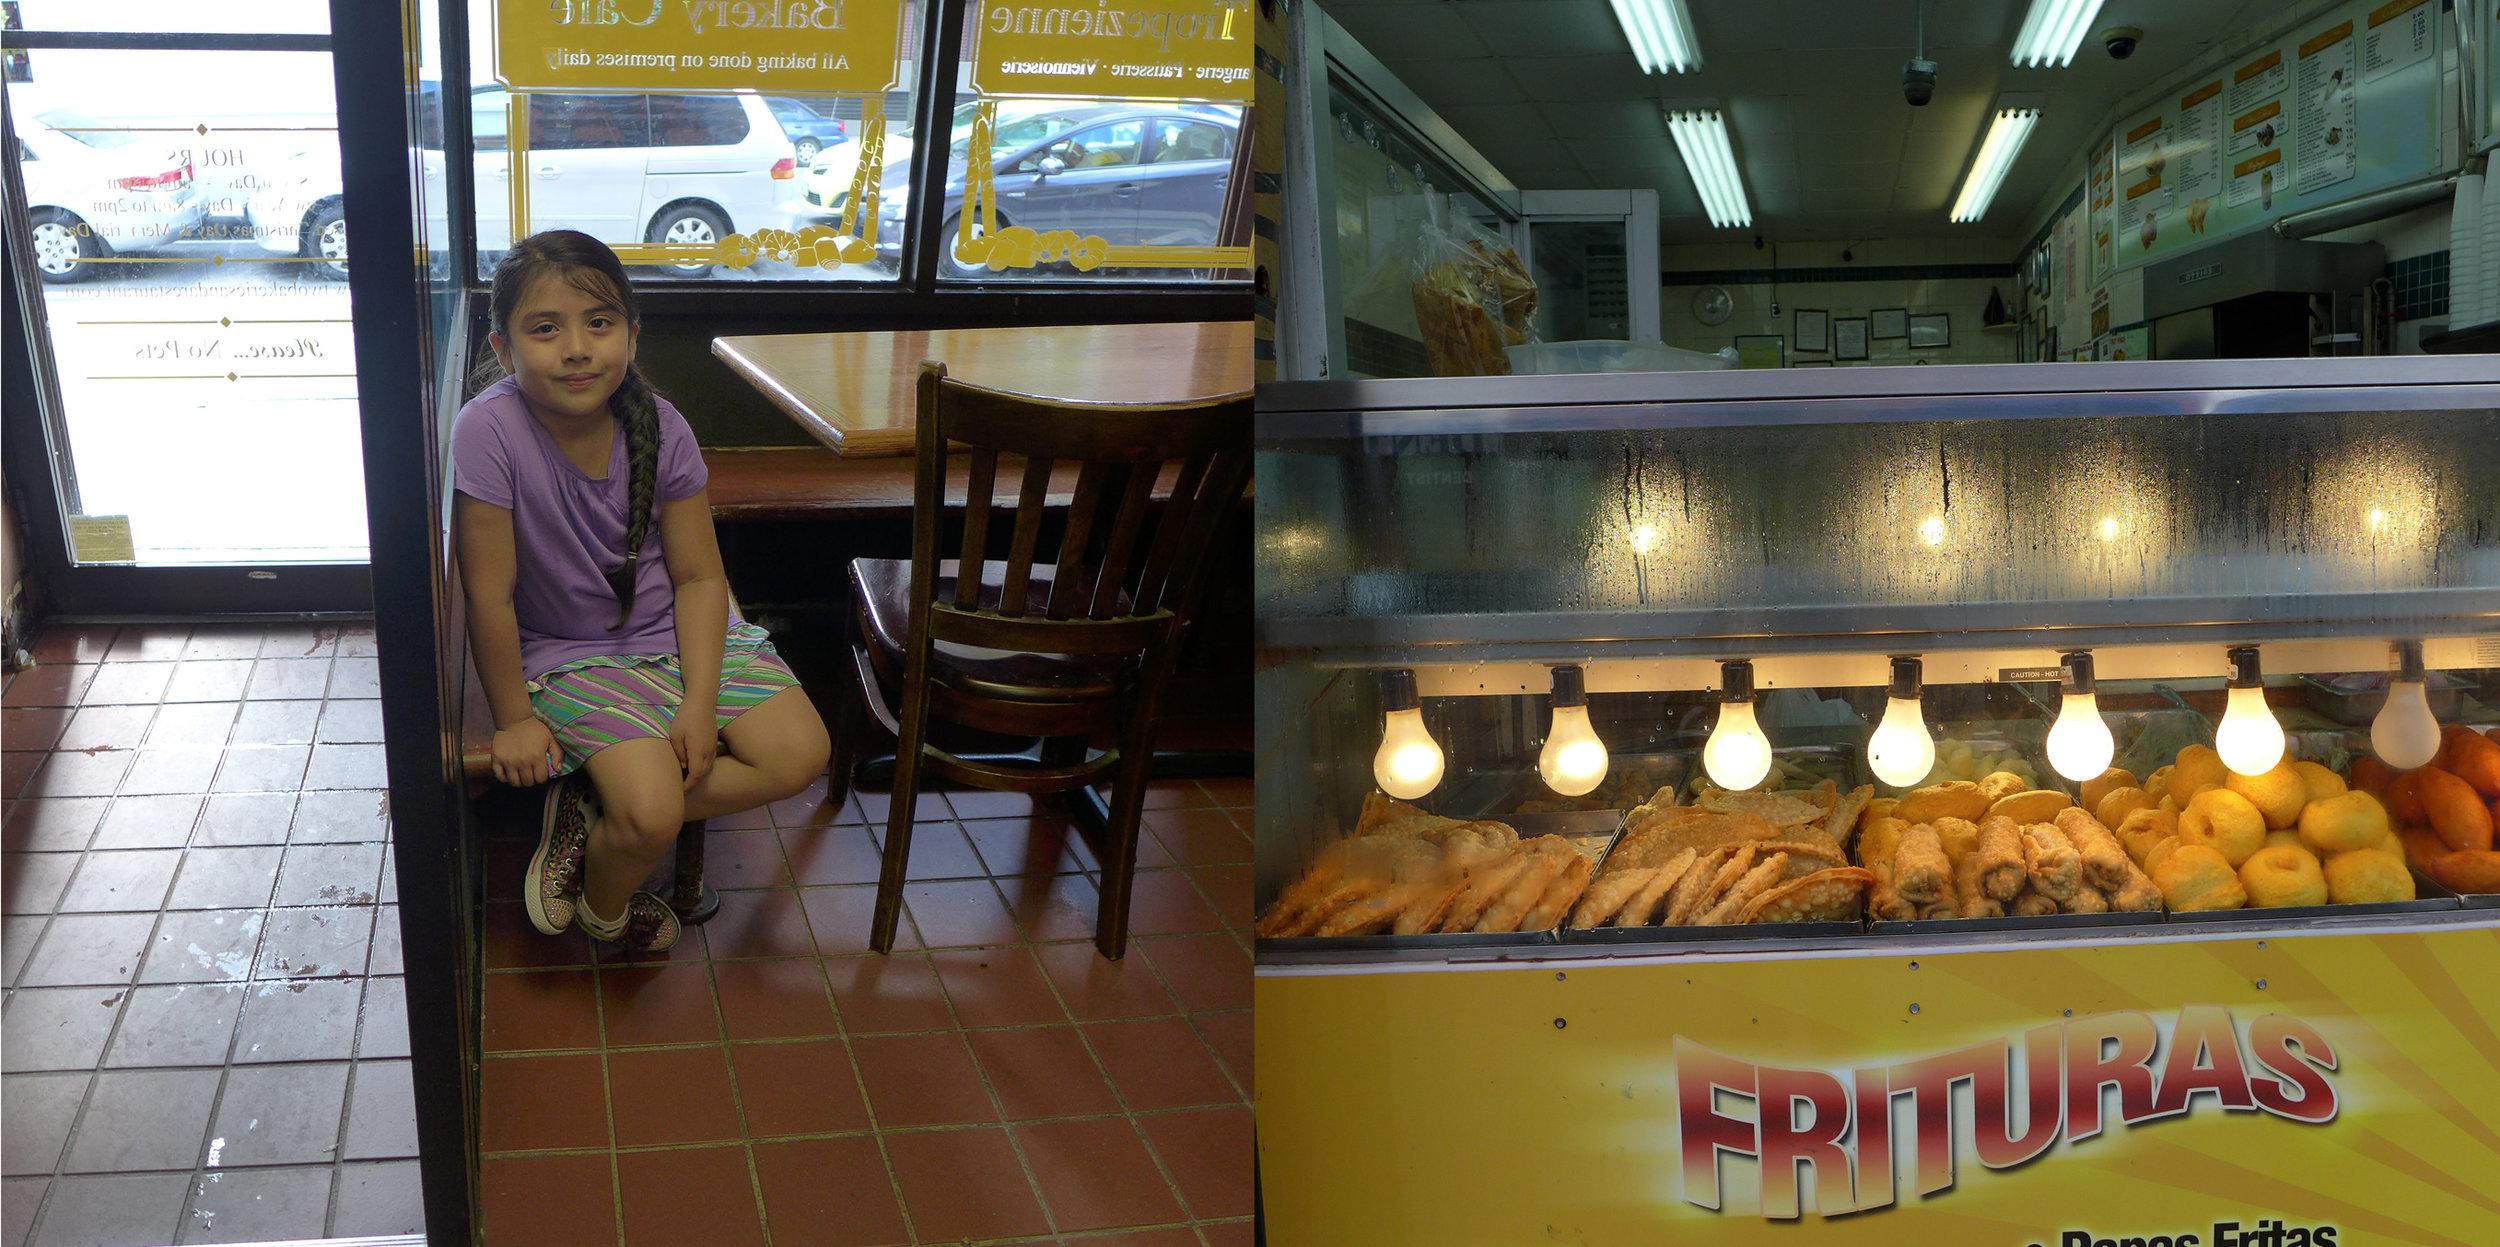 Bakery Girl & Frituras